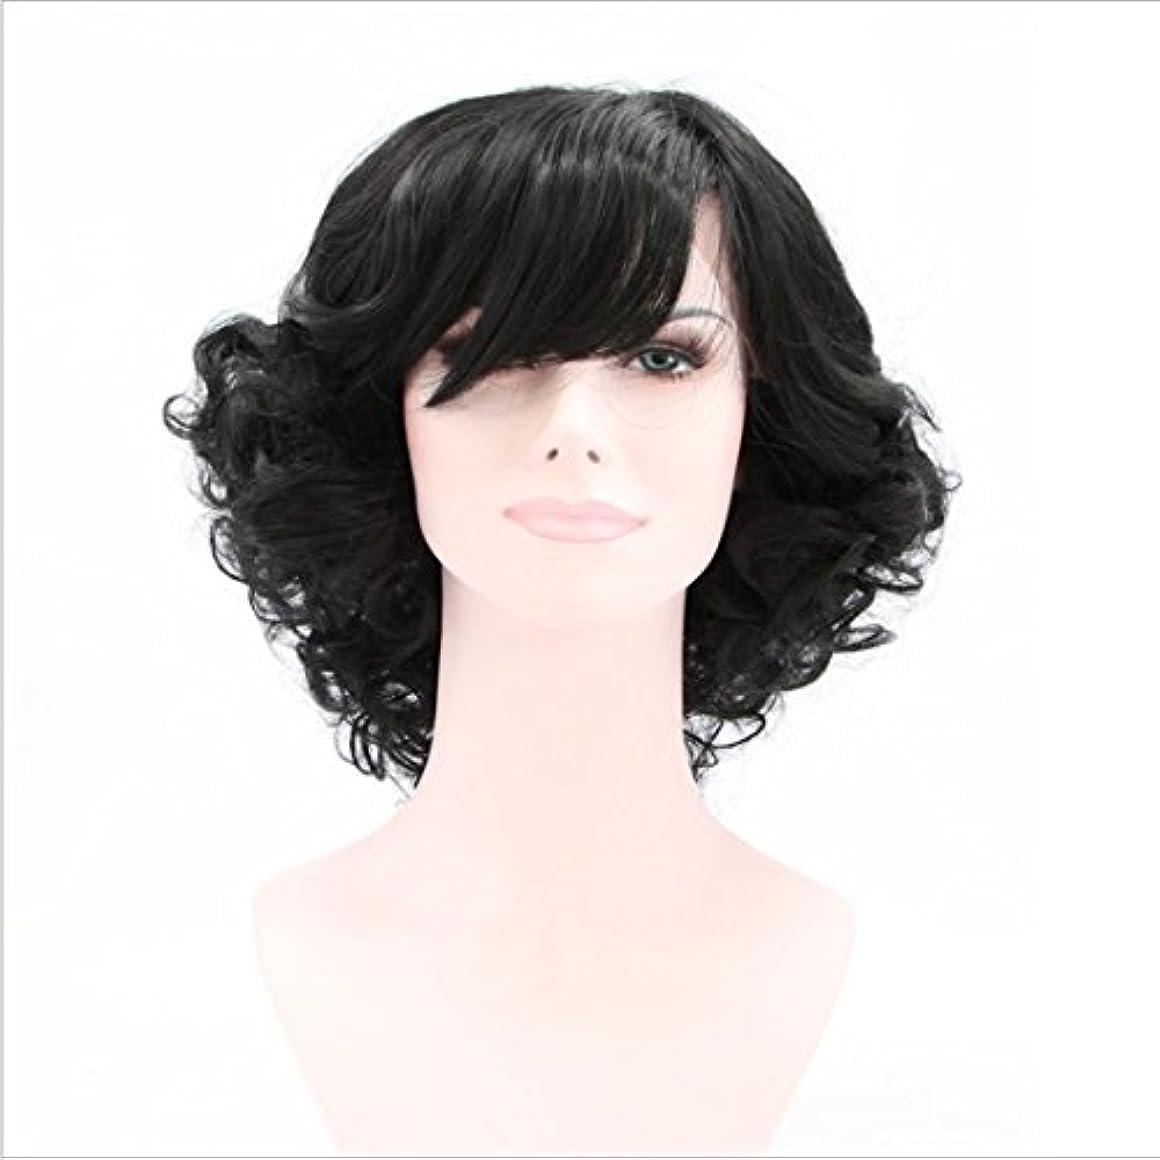 必要ないサイクル利用可能YOUQIU フル?ハンドウィービングカーリーヘアウィッグのために斜め前髪ナチュラルブラックウィッグで高温シルク人工毛の女性のレースのフロント用ショートカーリーウィッグ (色 : 黒)